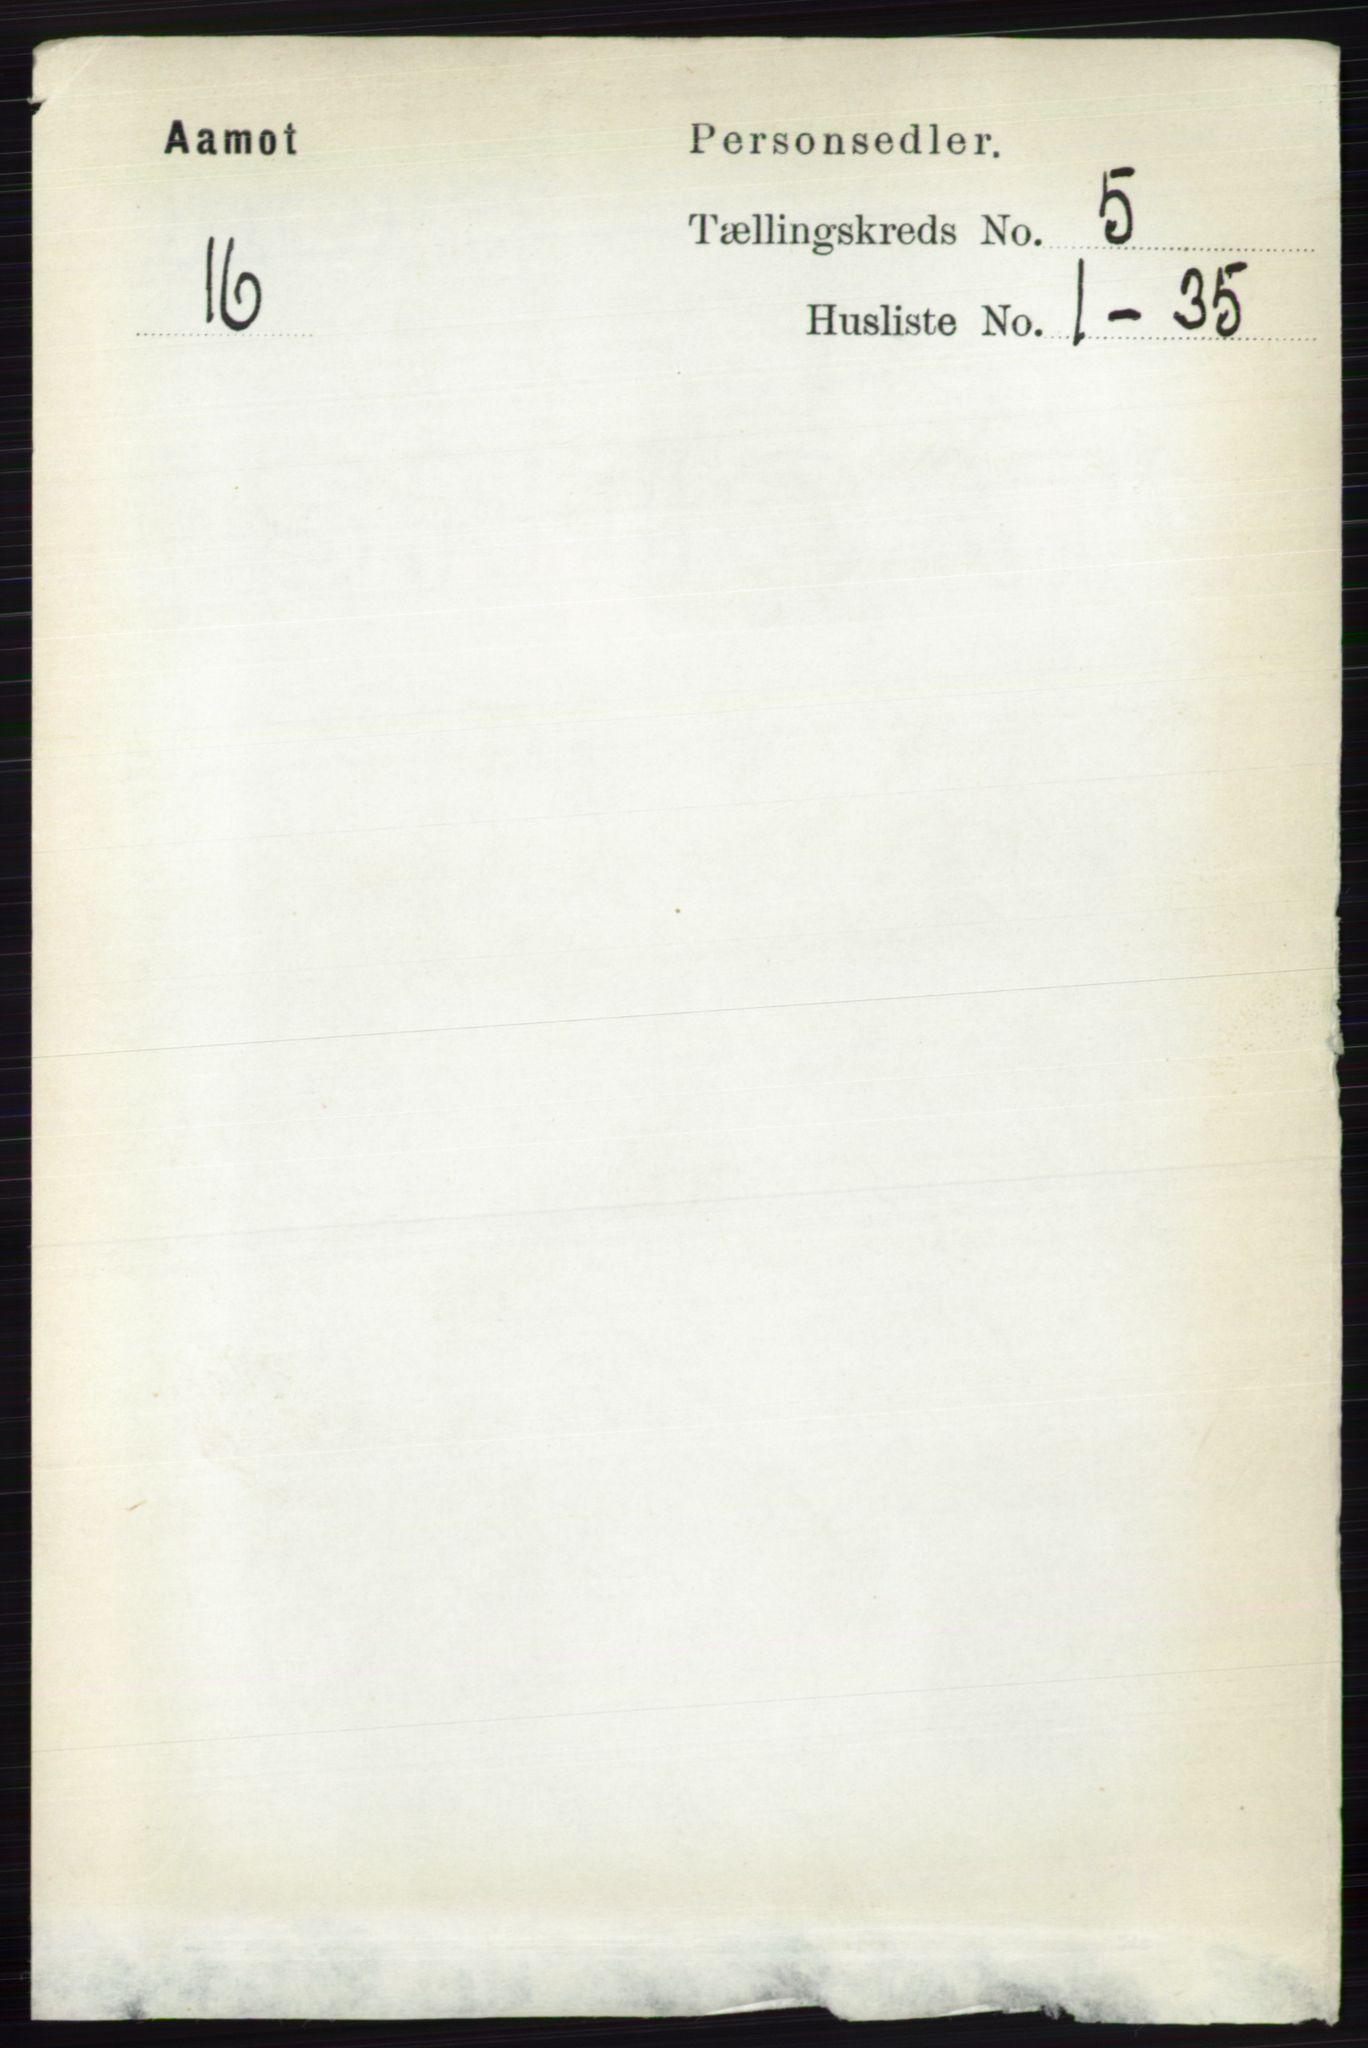 RA, Folketelling 1891 for 0429 Åmot herred, 1891, s. 2323